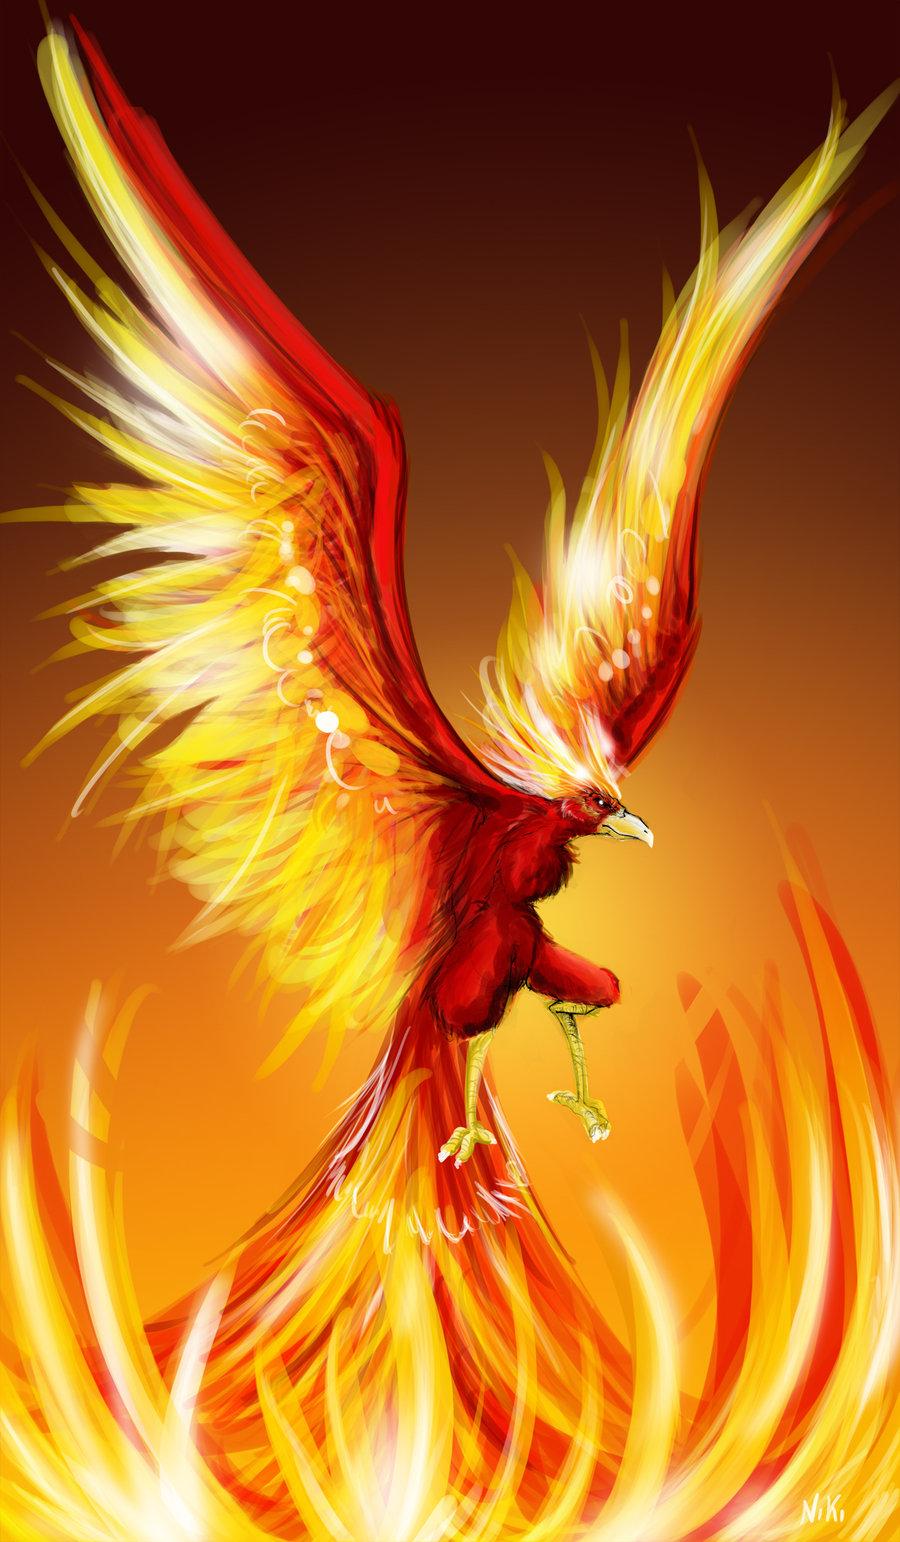 phoenix_by_nikivandermosten.jpg